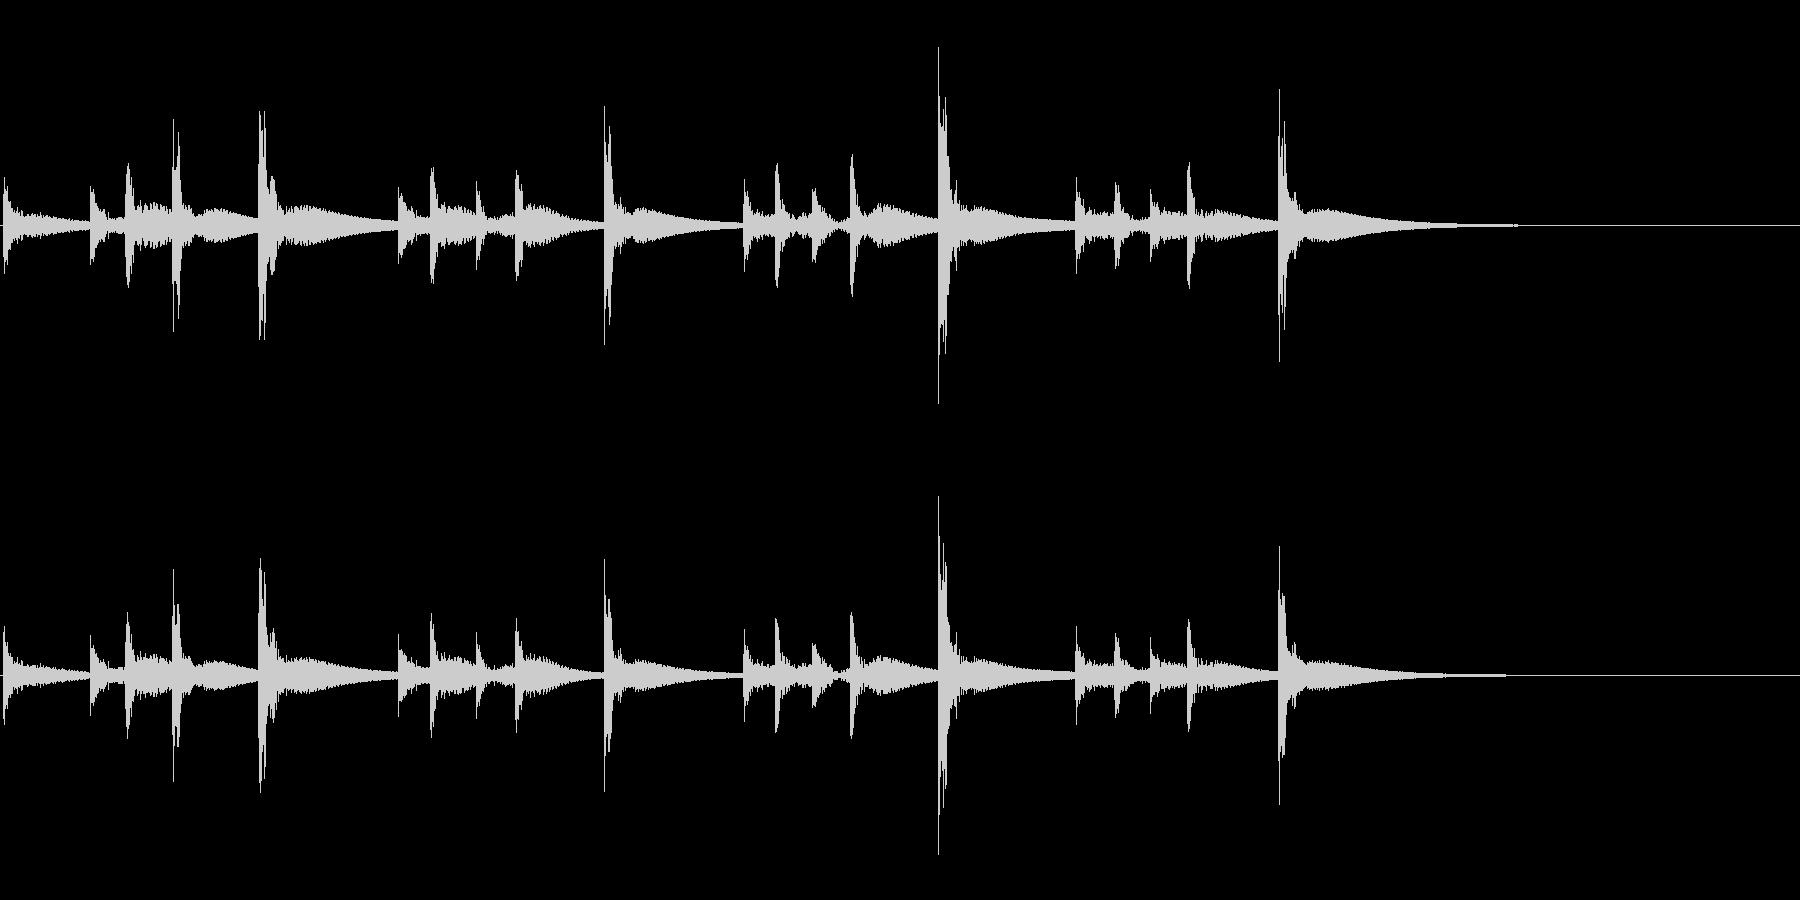 うちわ太皷のリズミカルなフレーズ音の未再生の波形